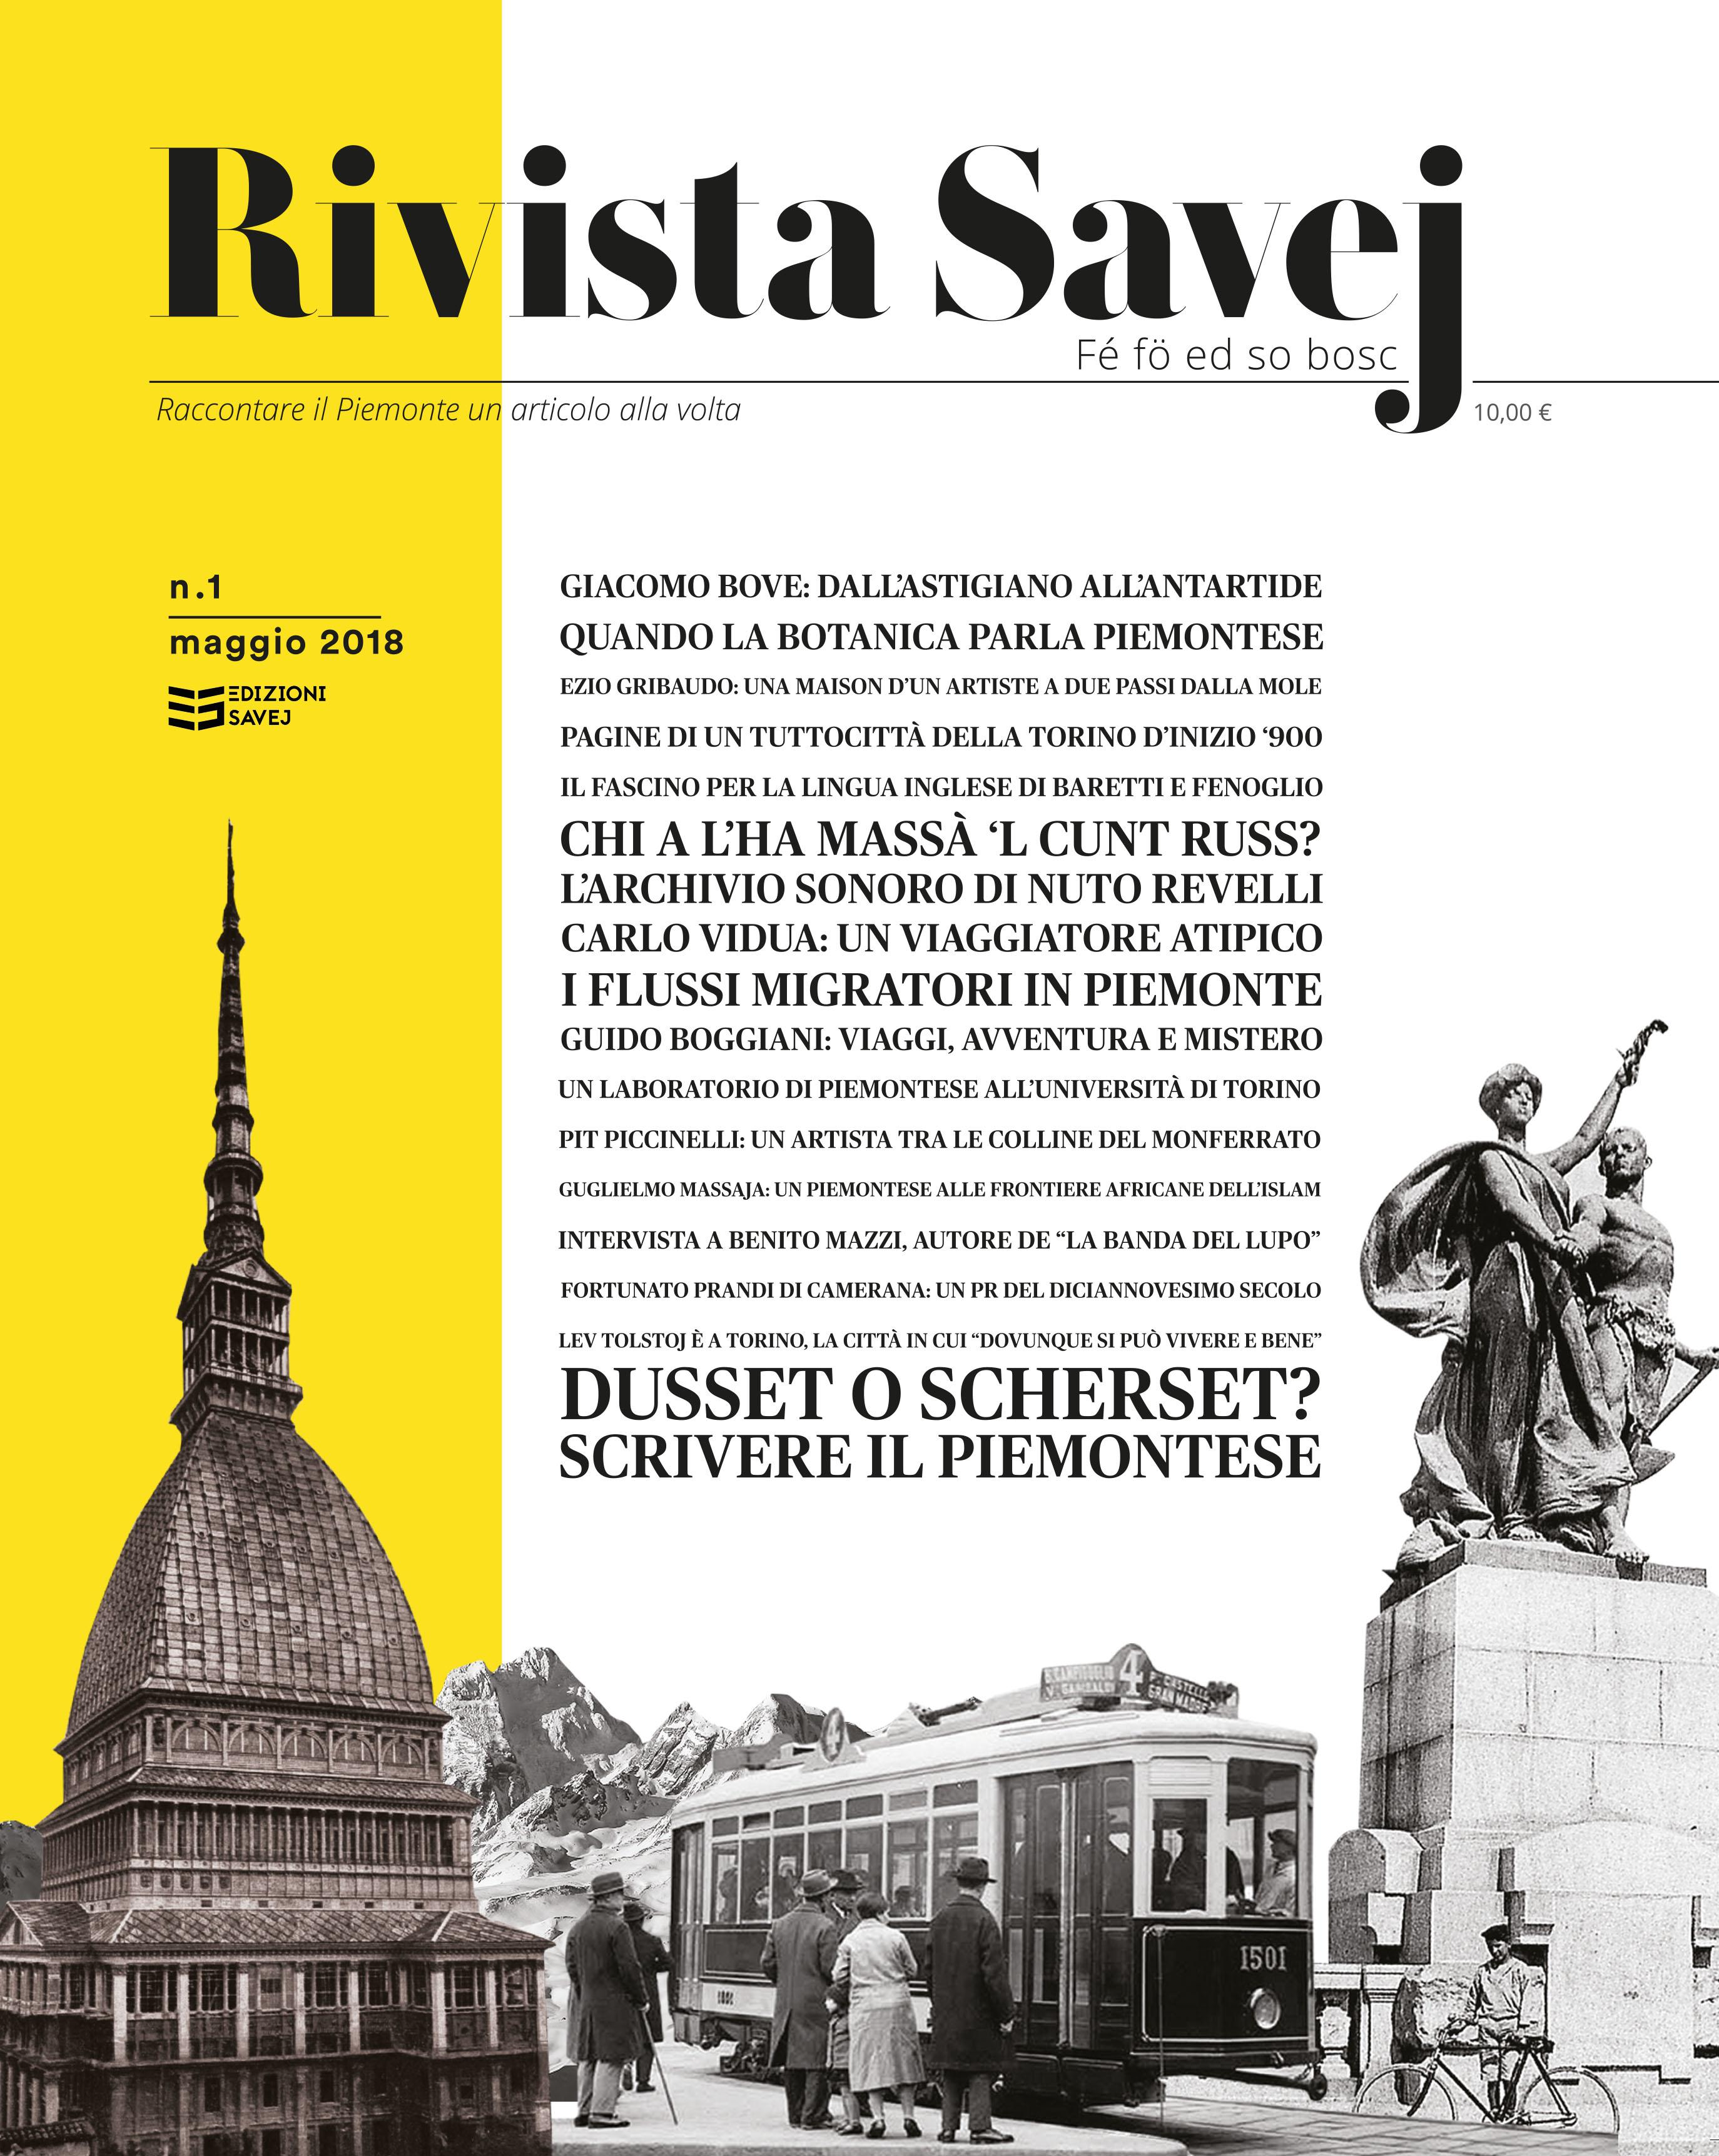 Copertina-rivista-savej-per-sito